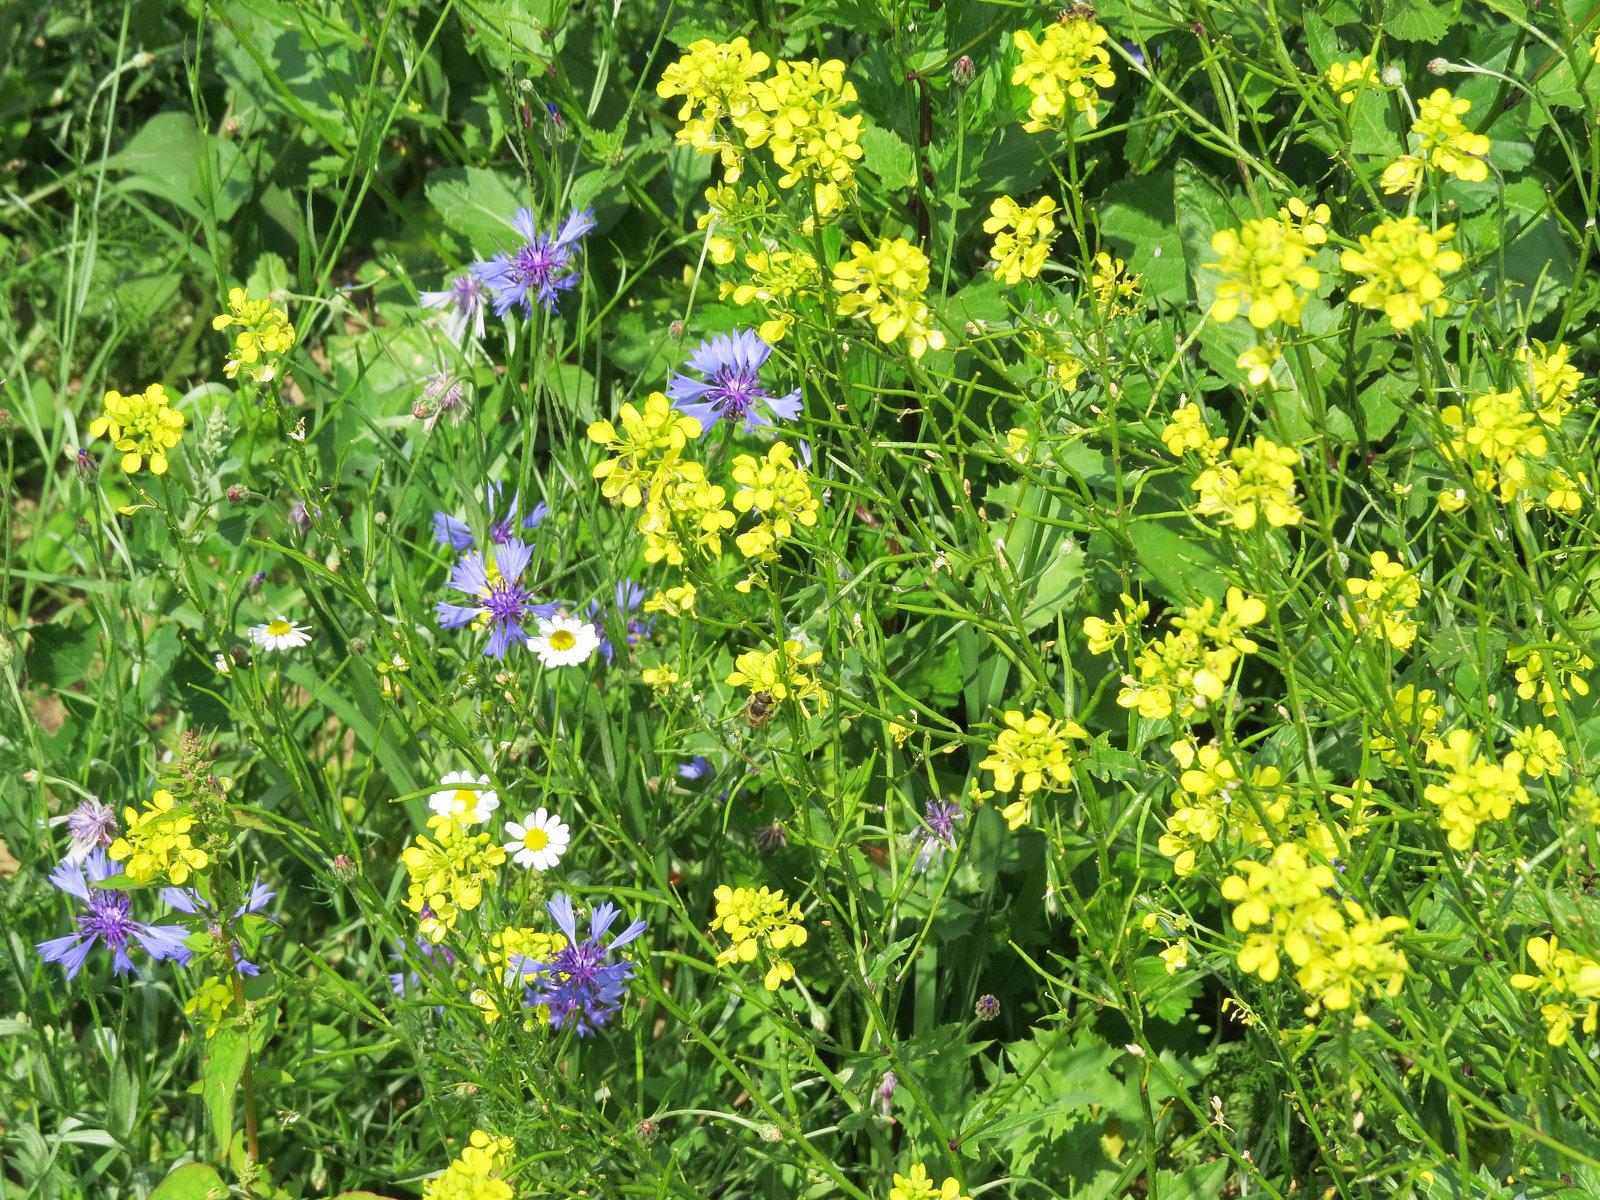 Trotz Saat Mitte Mai blüht es schon reichlich und wird auch sehr gut besucht